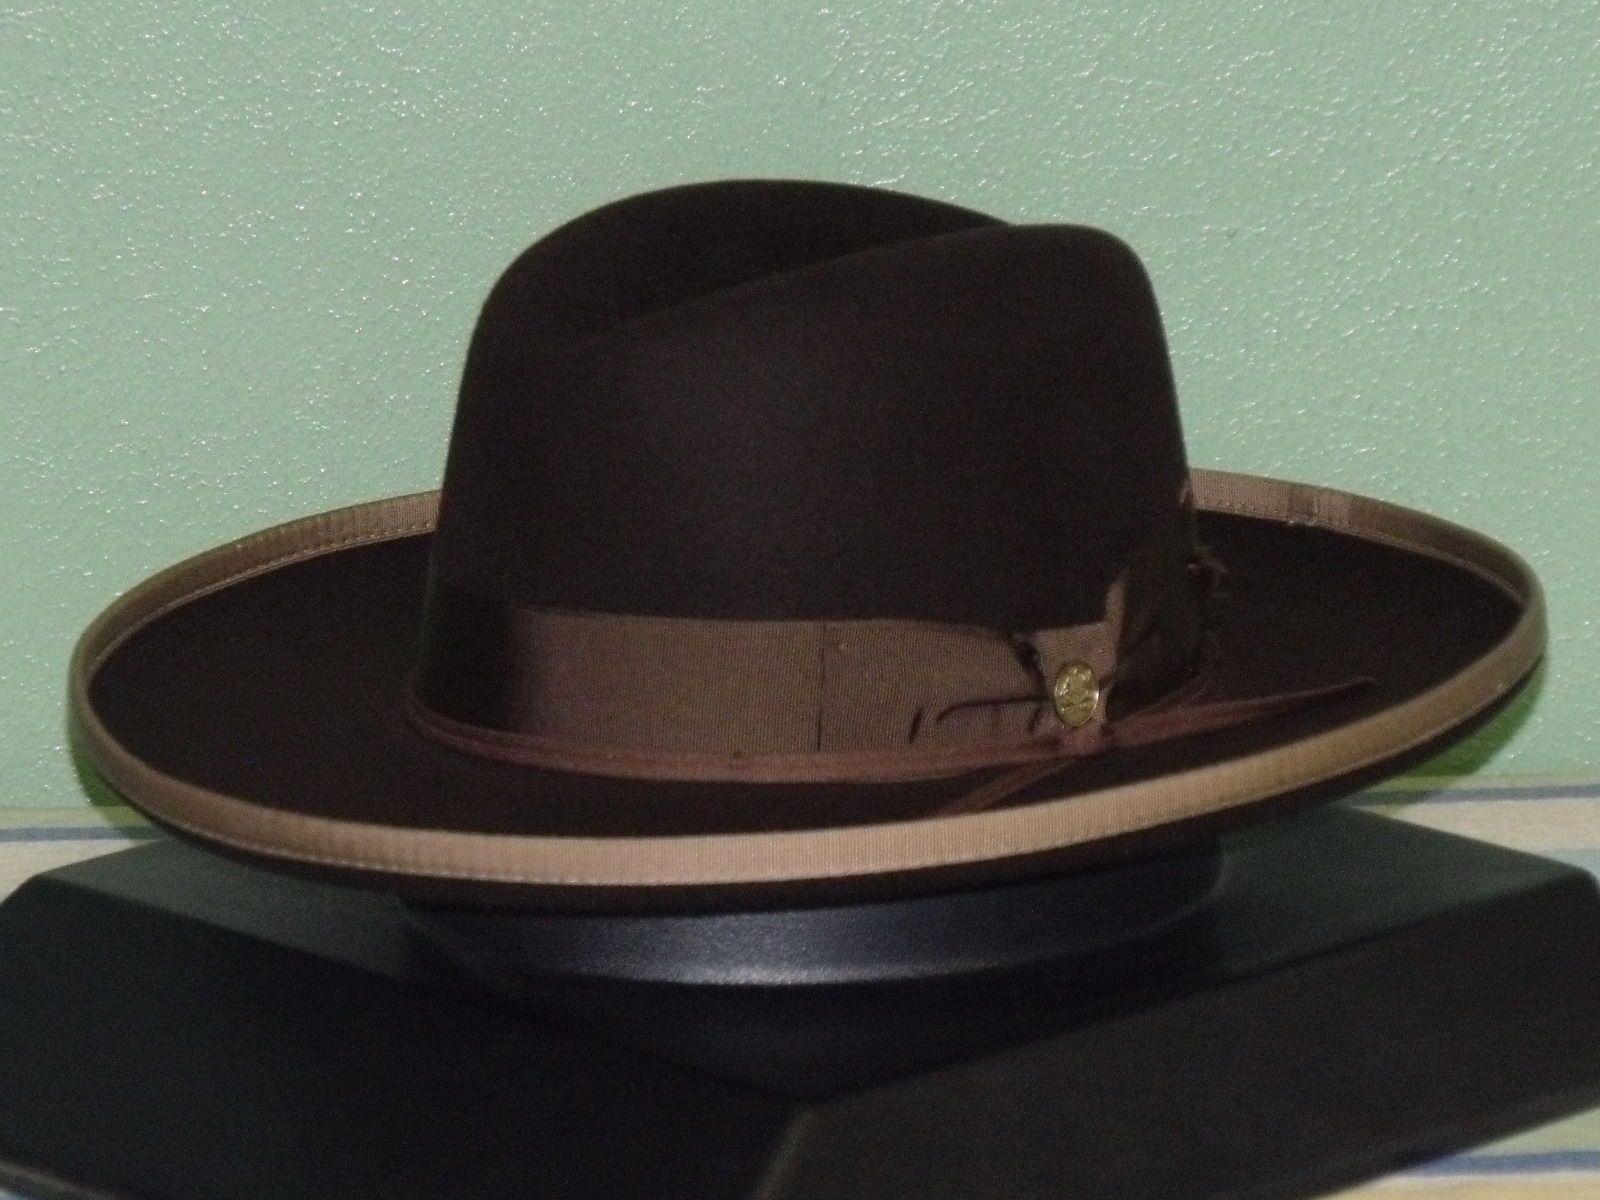 526a093b9b4 Stetson west bound b rolled brim royal deluxe fur felt fedora hat ...